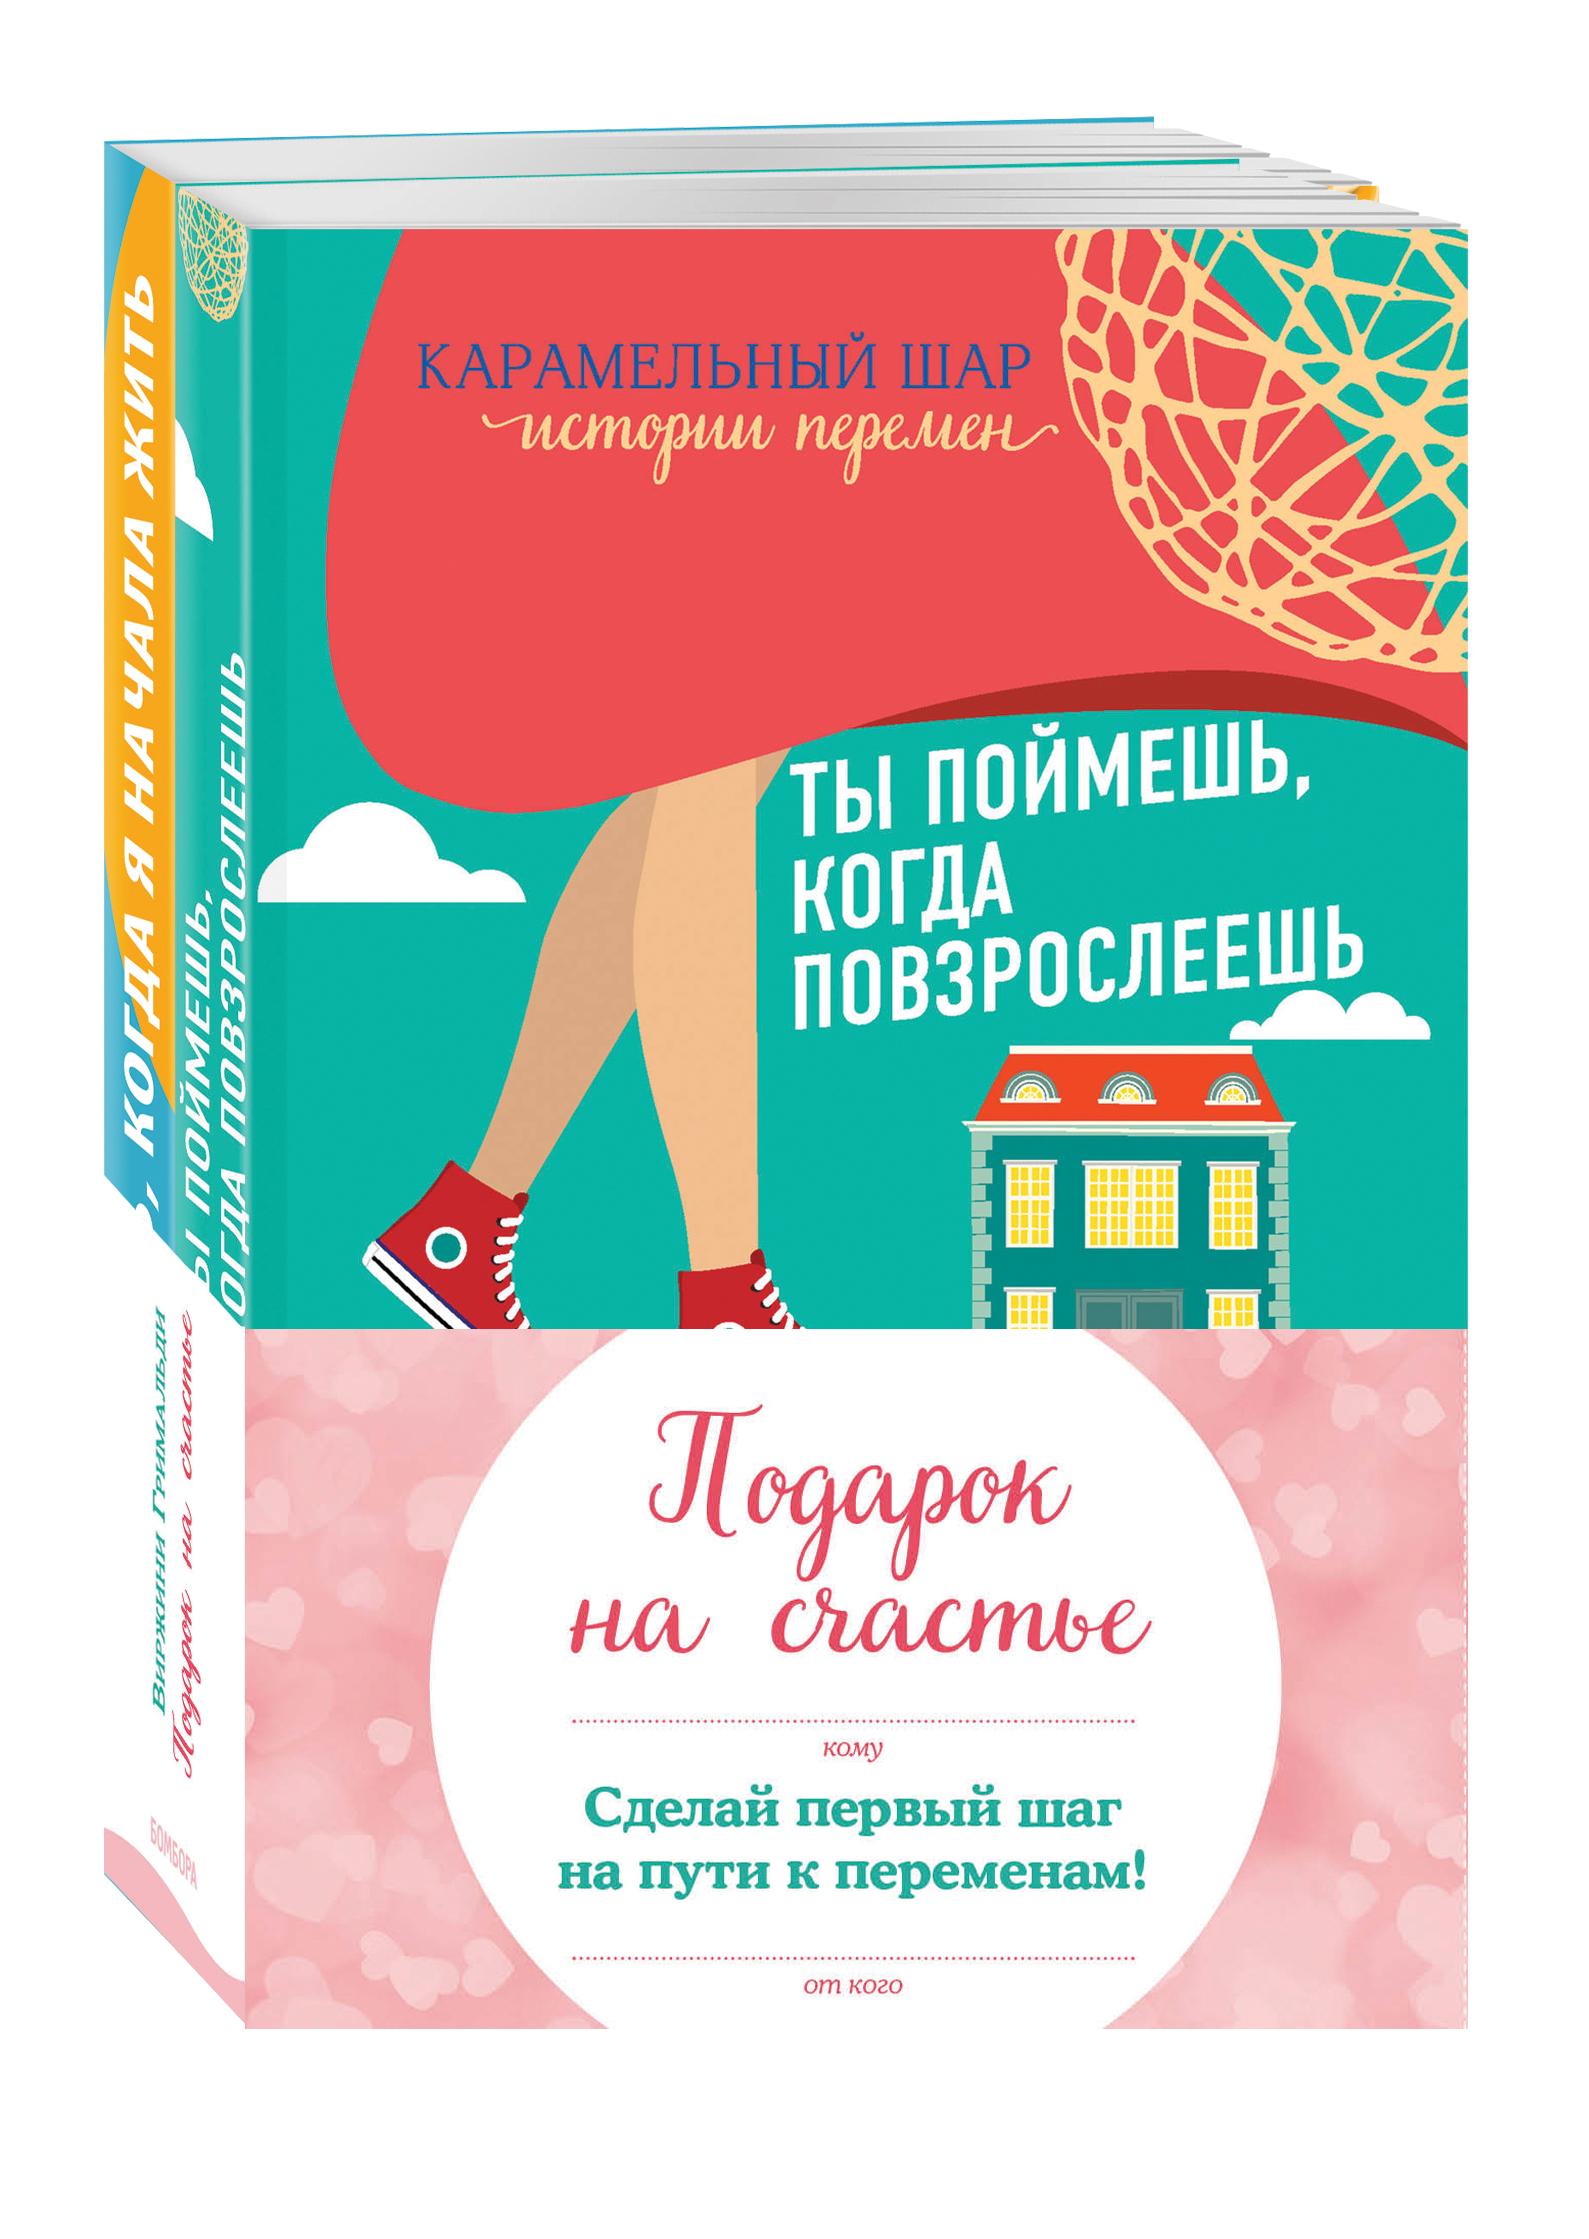 Подарок на счастье от Виржини Гримальди